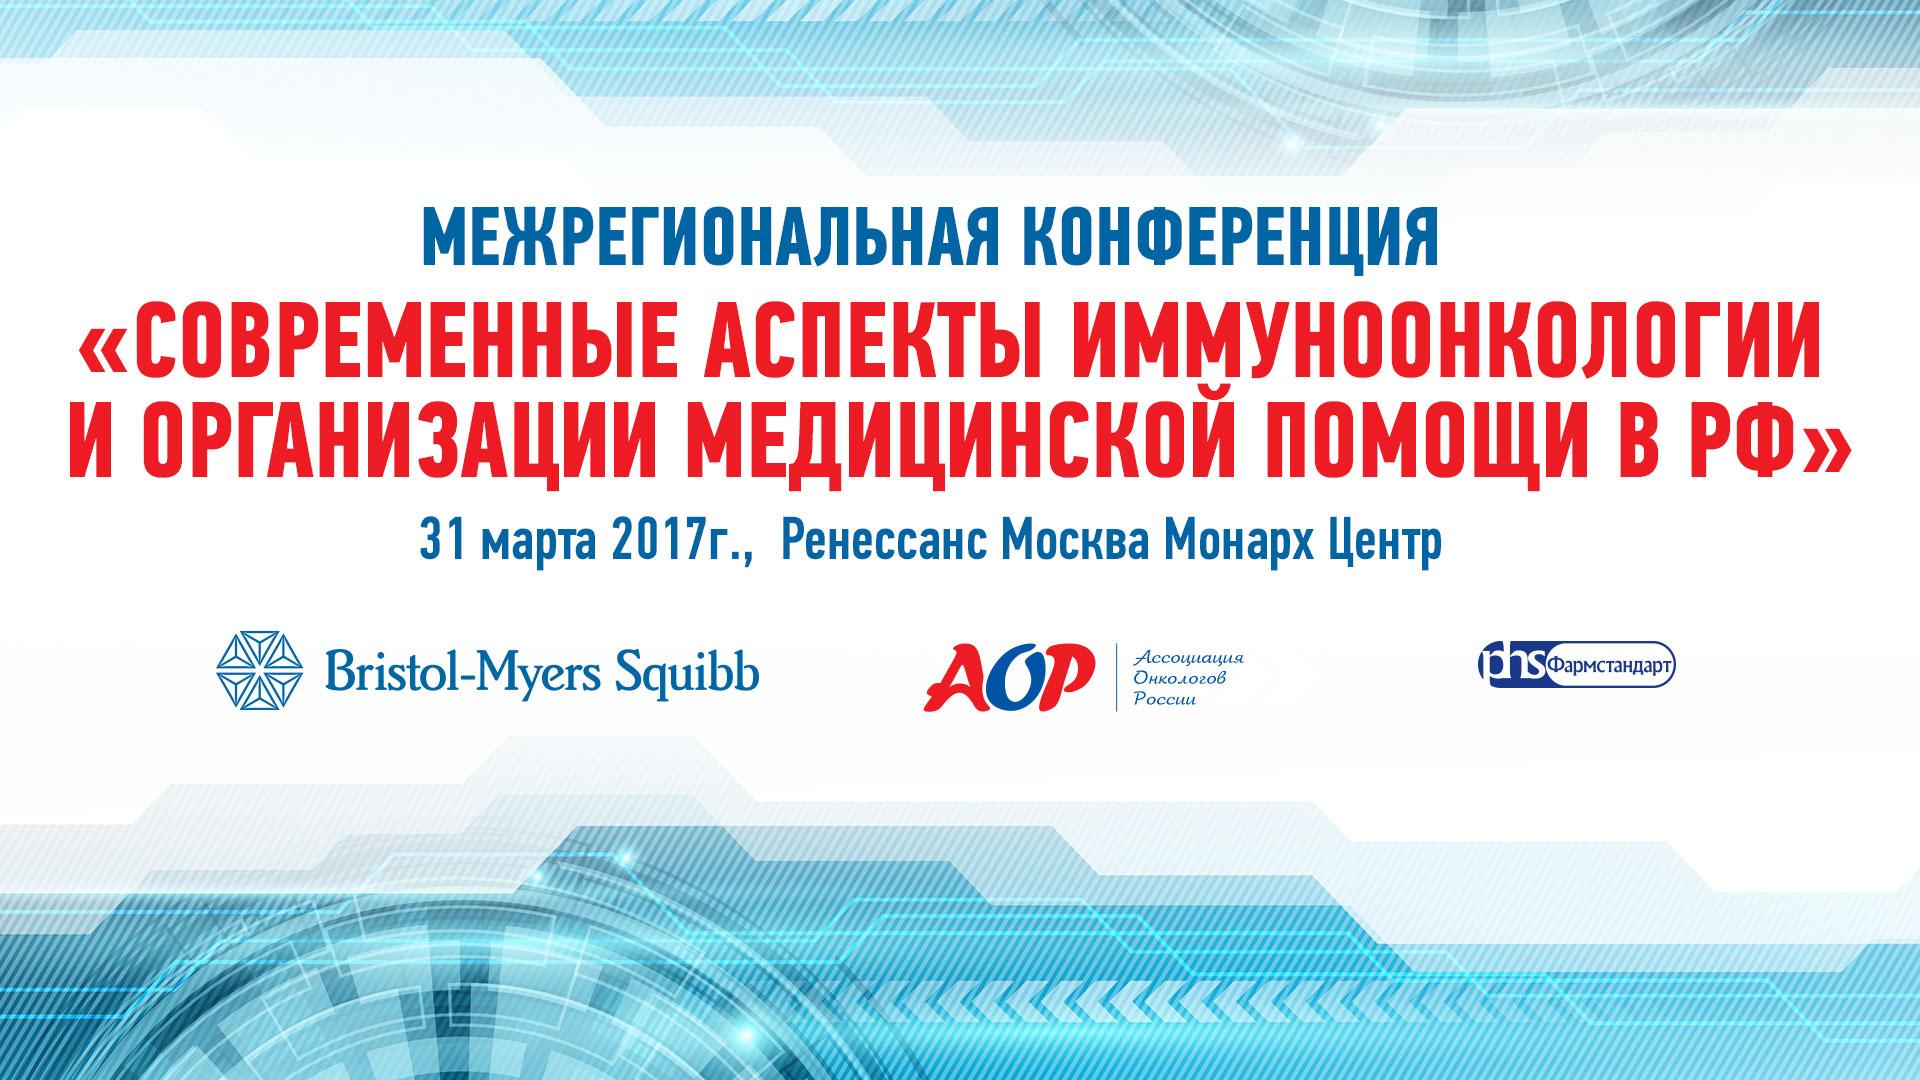 Межрегиональная конференция «Современные аспекты иммуно-онкологии и организации медицинской помощи в РФ»